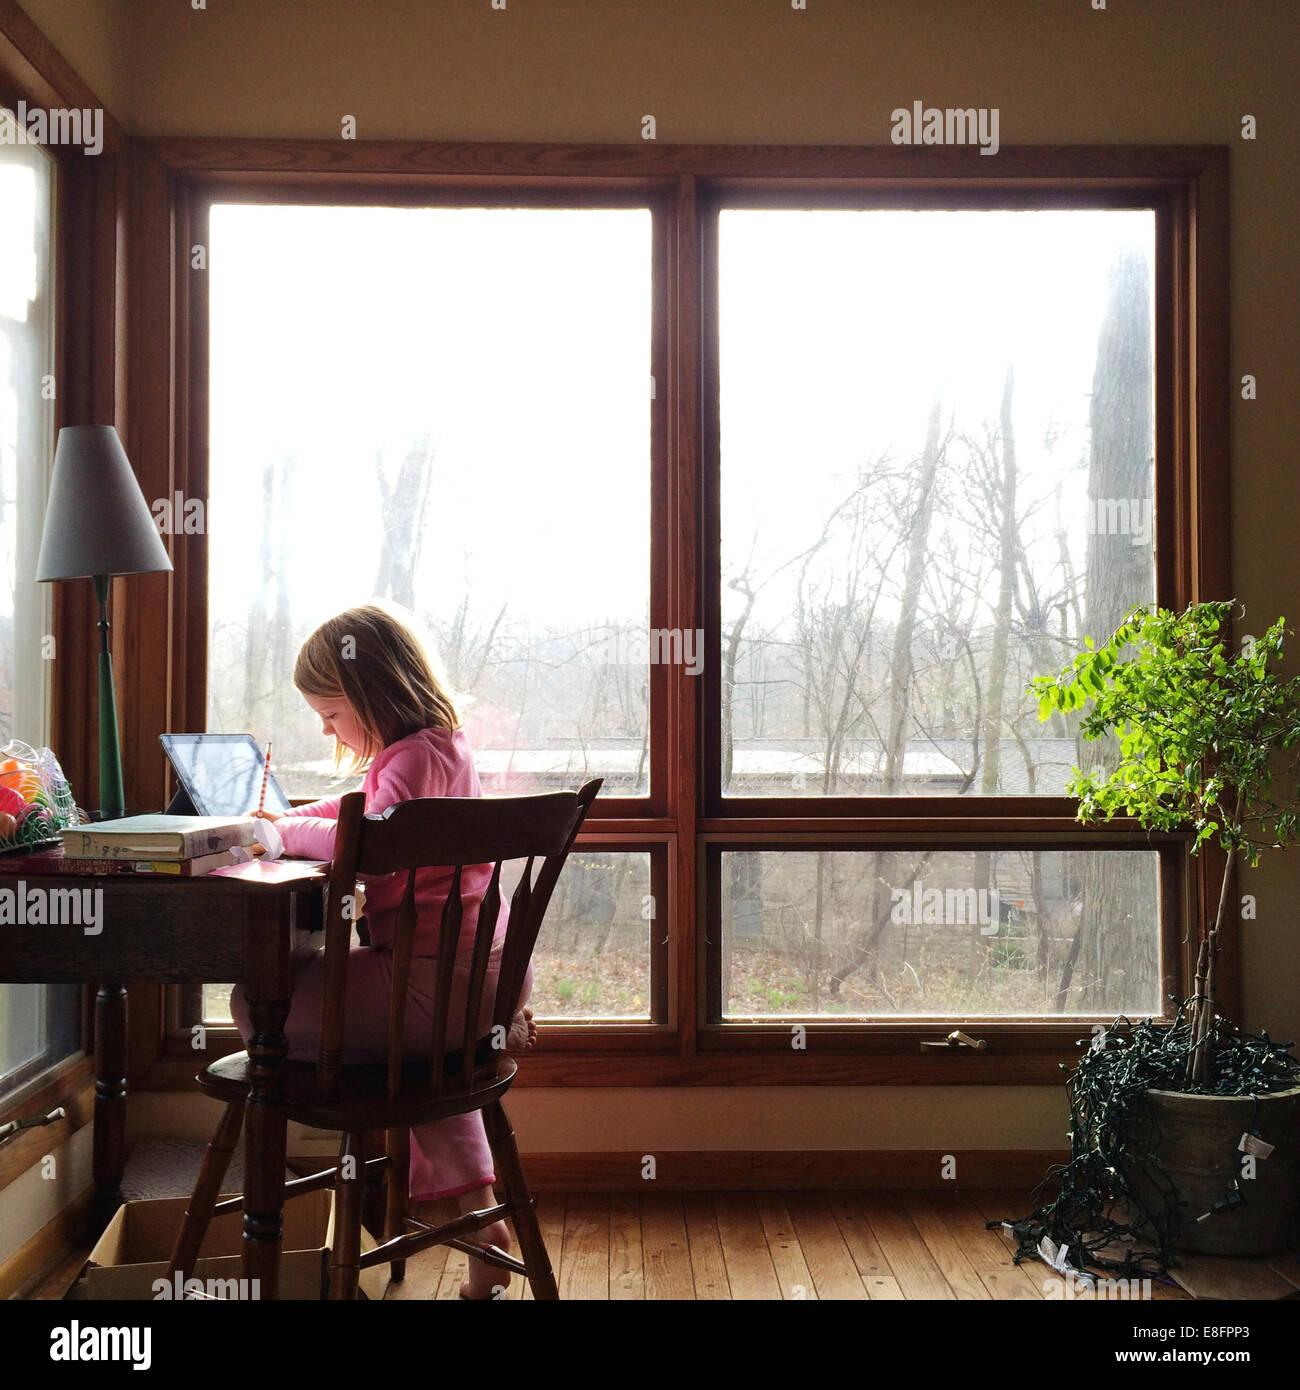 Chica sentada en su escritorio estudiando Imagen De Stock